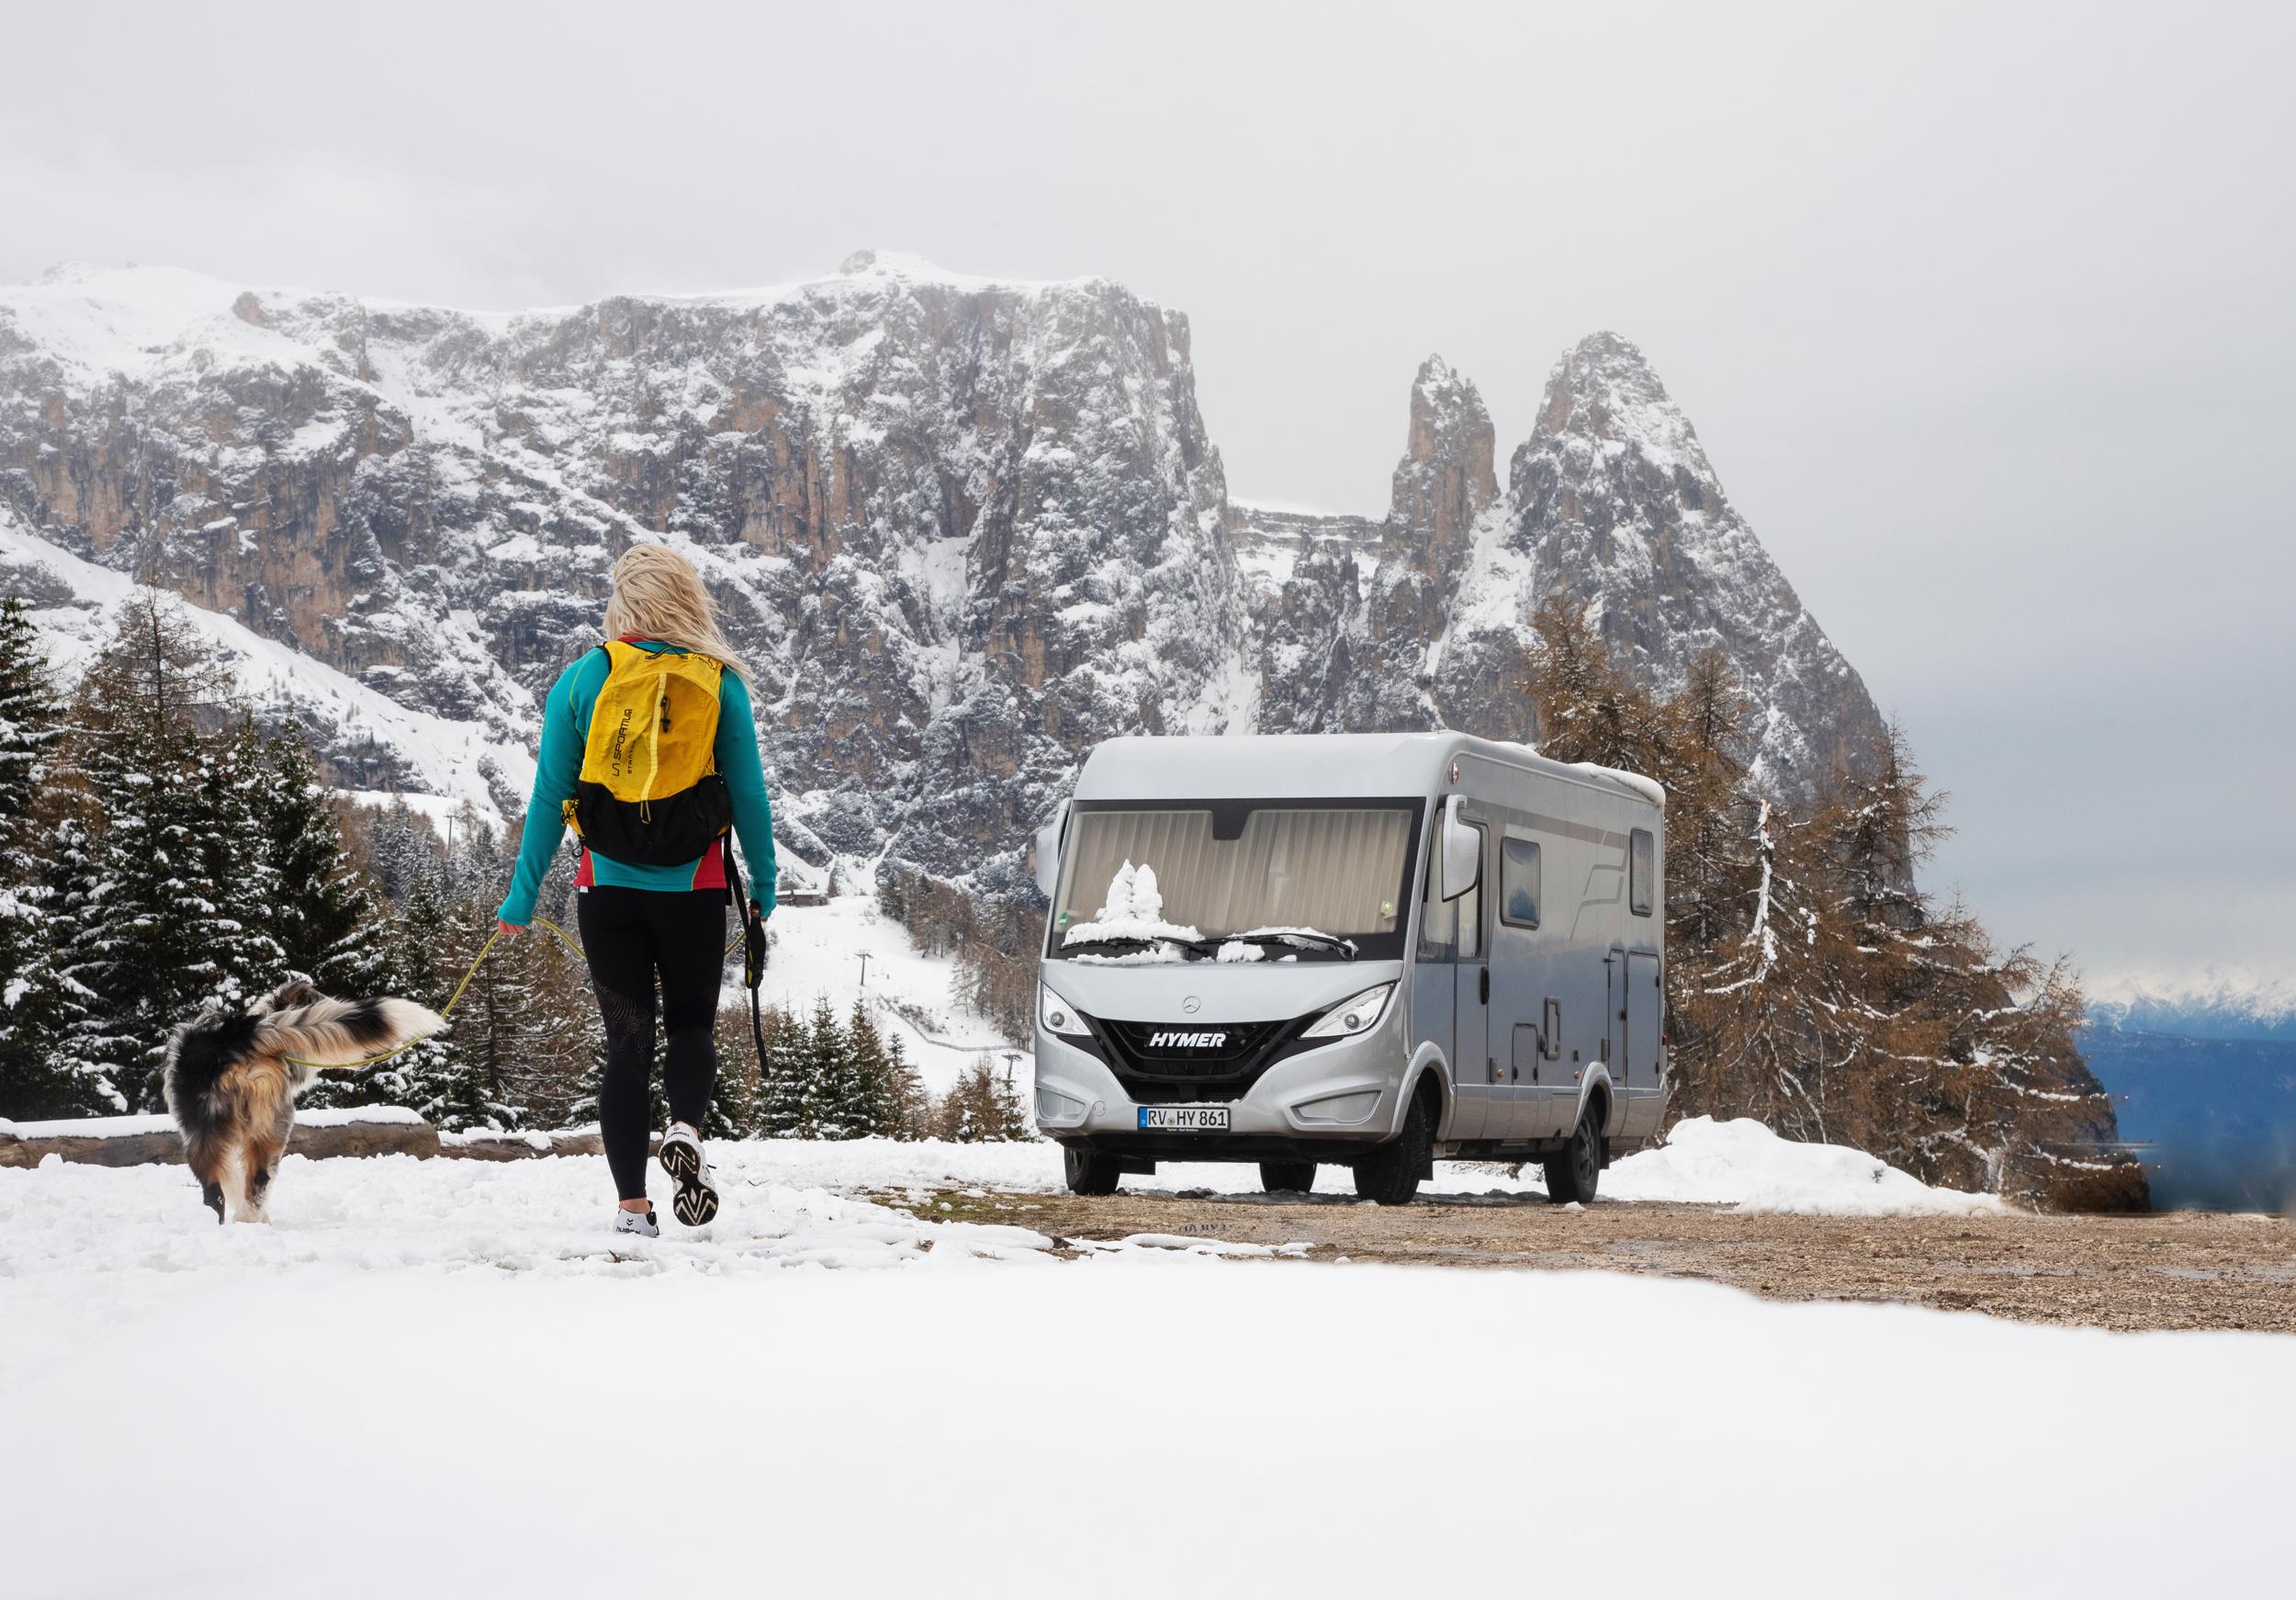 Nieve valles y esquí de fondo